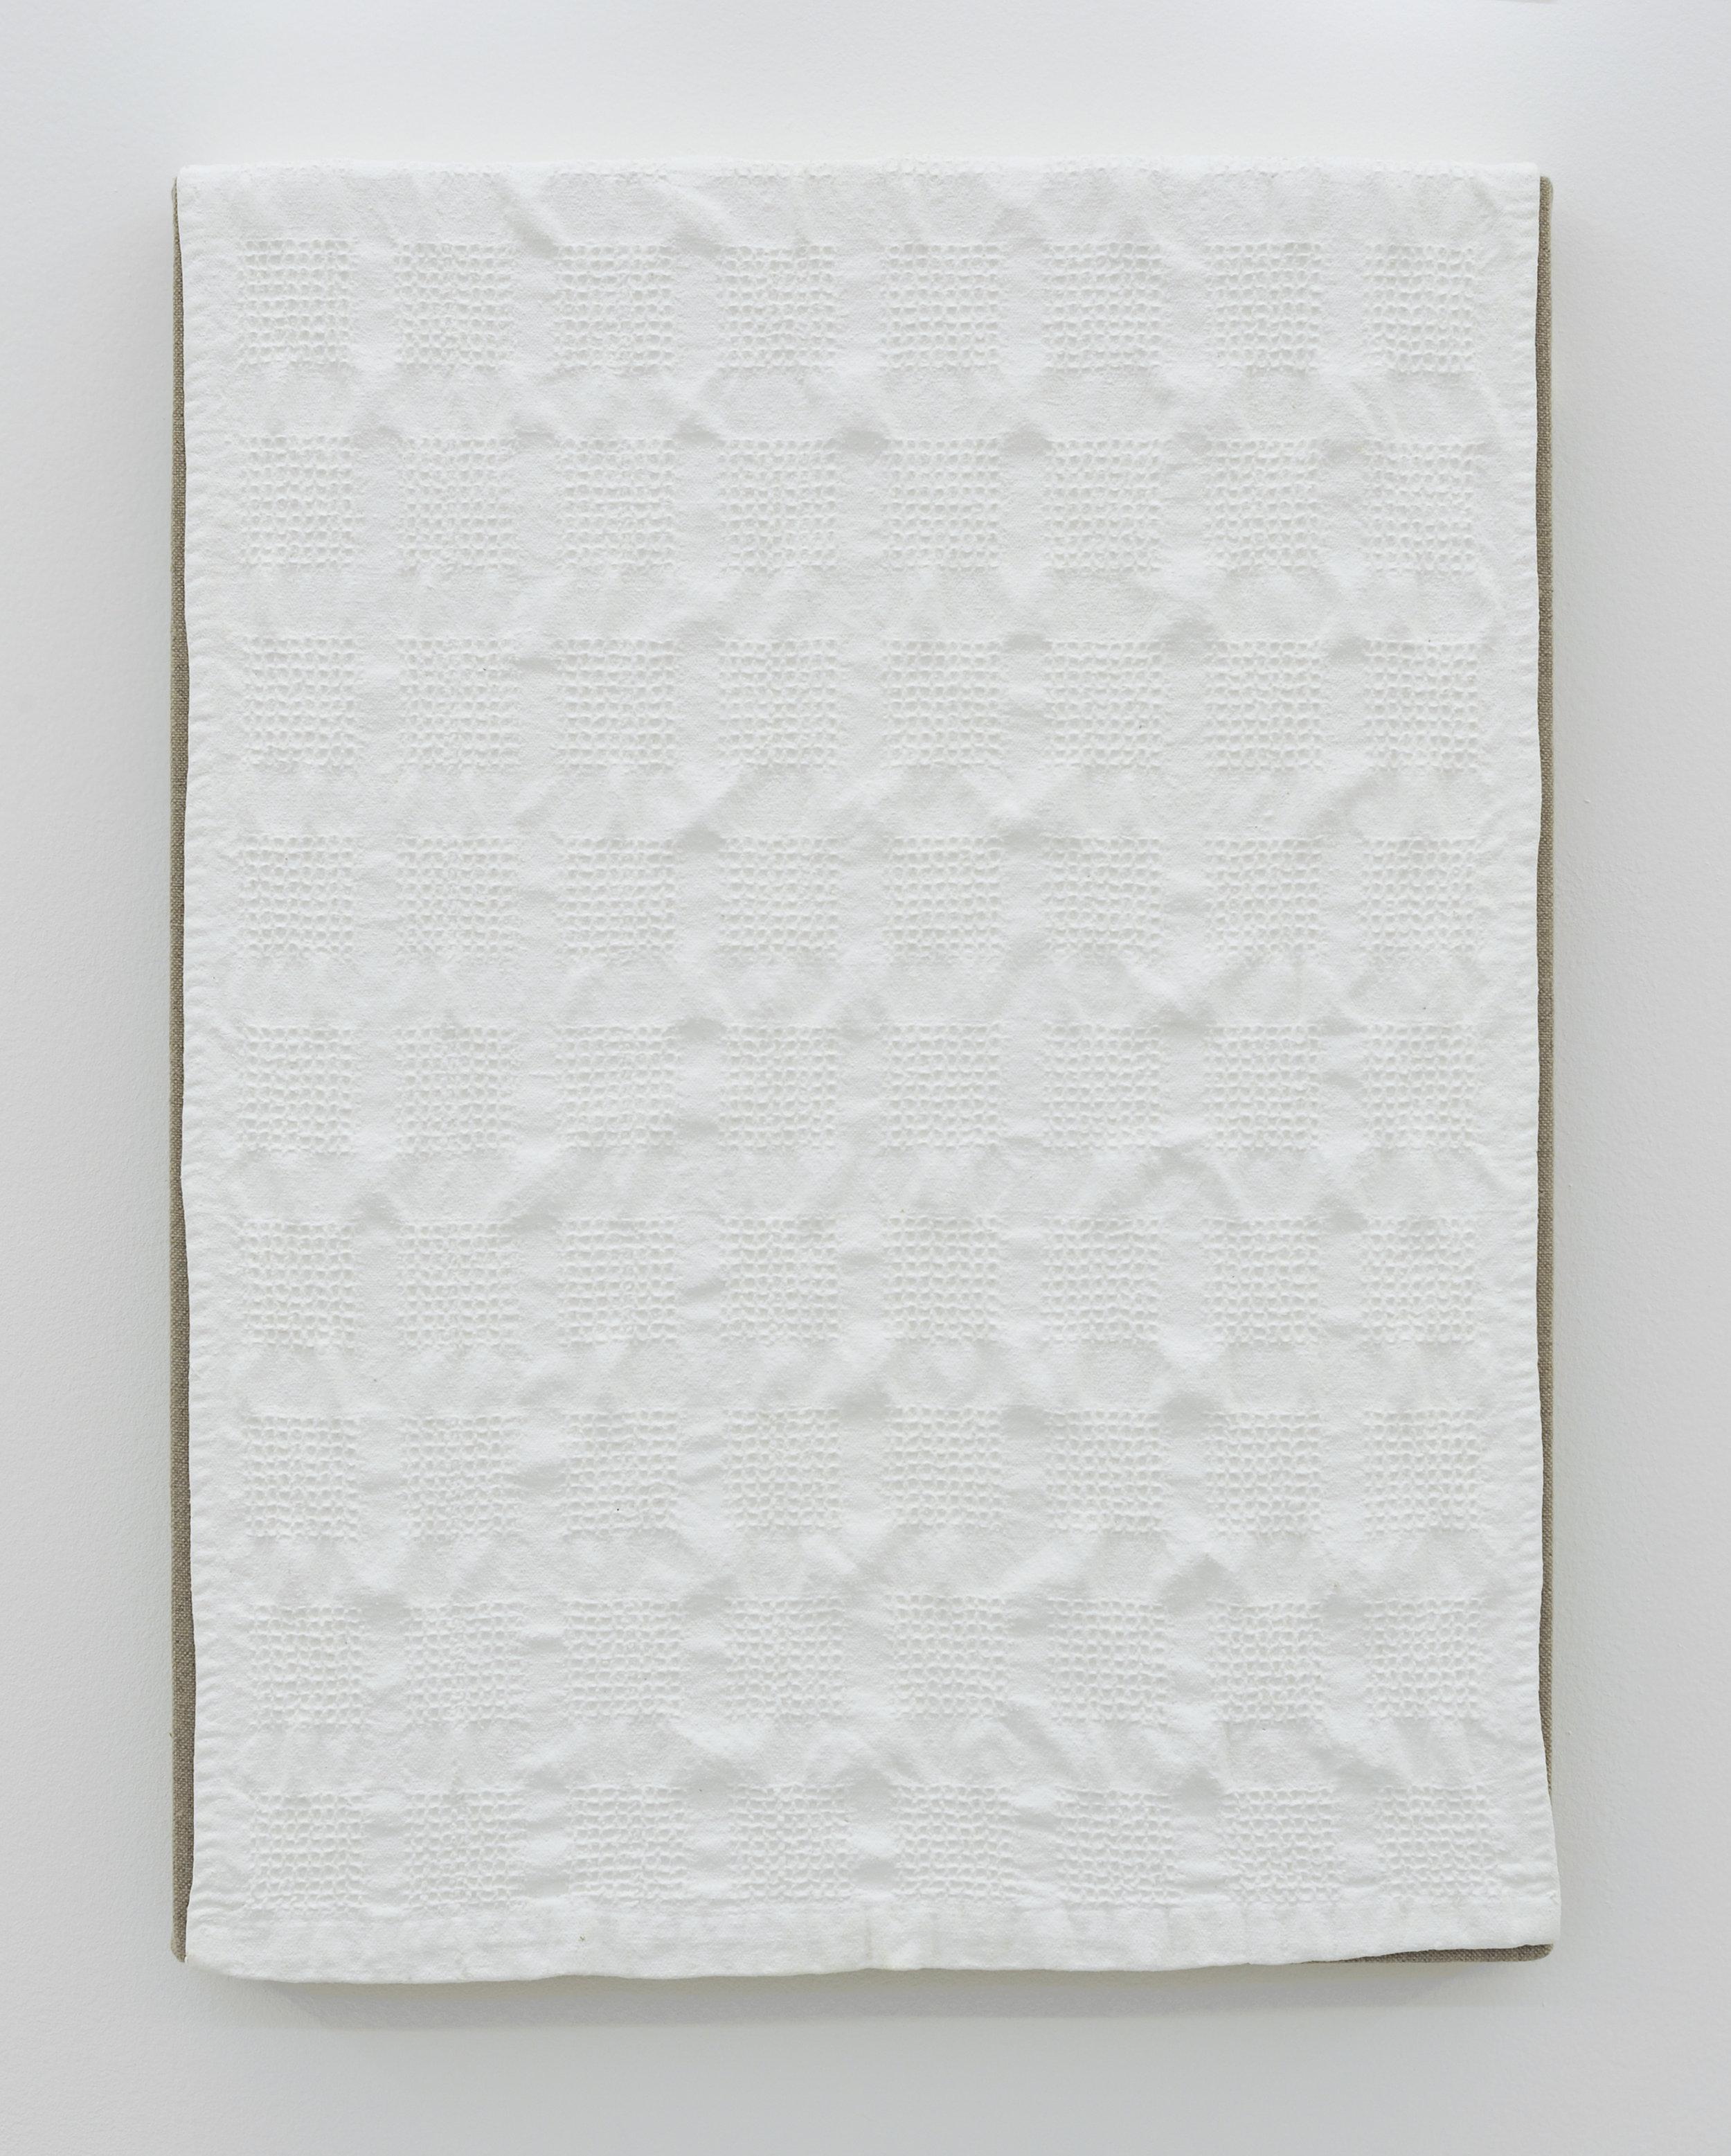 Dish Towel, 2011 acrylic on canvas 46 x 35,5 x 4 cm - 18 1/8 x 14 x 1 5/8 inches